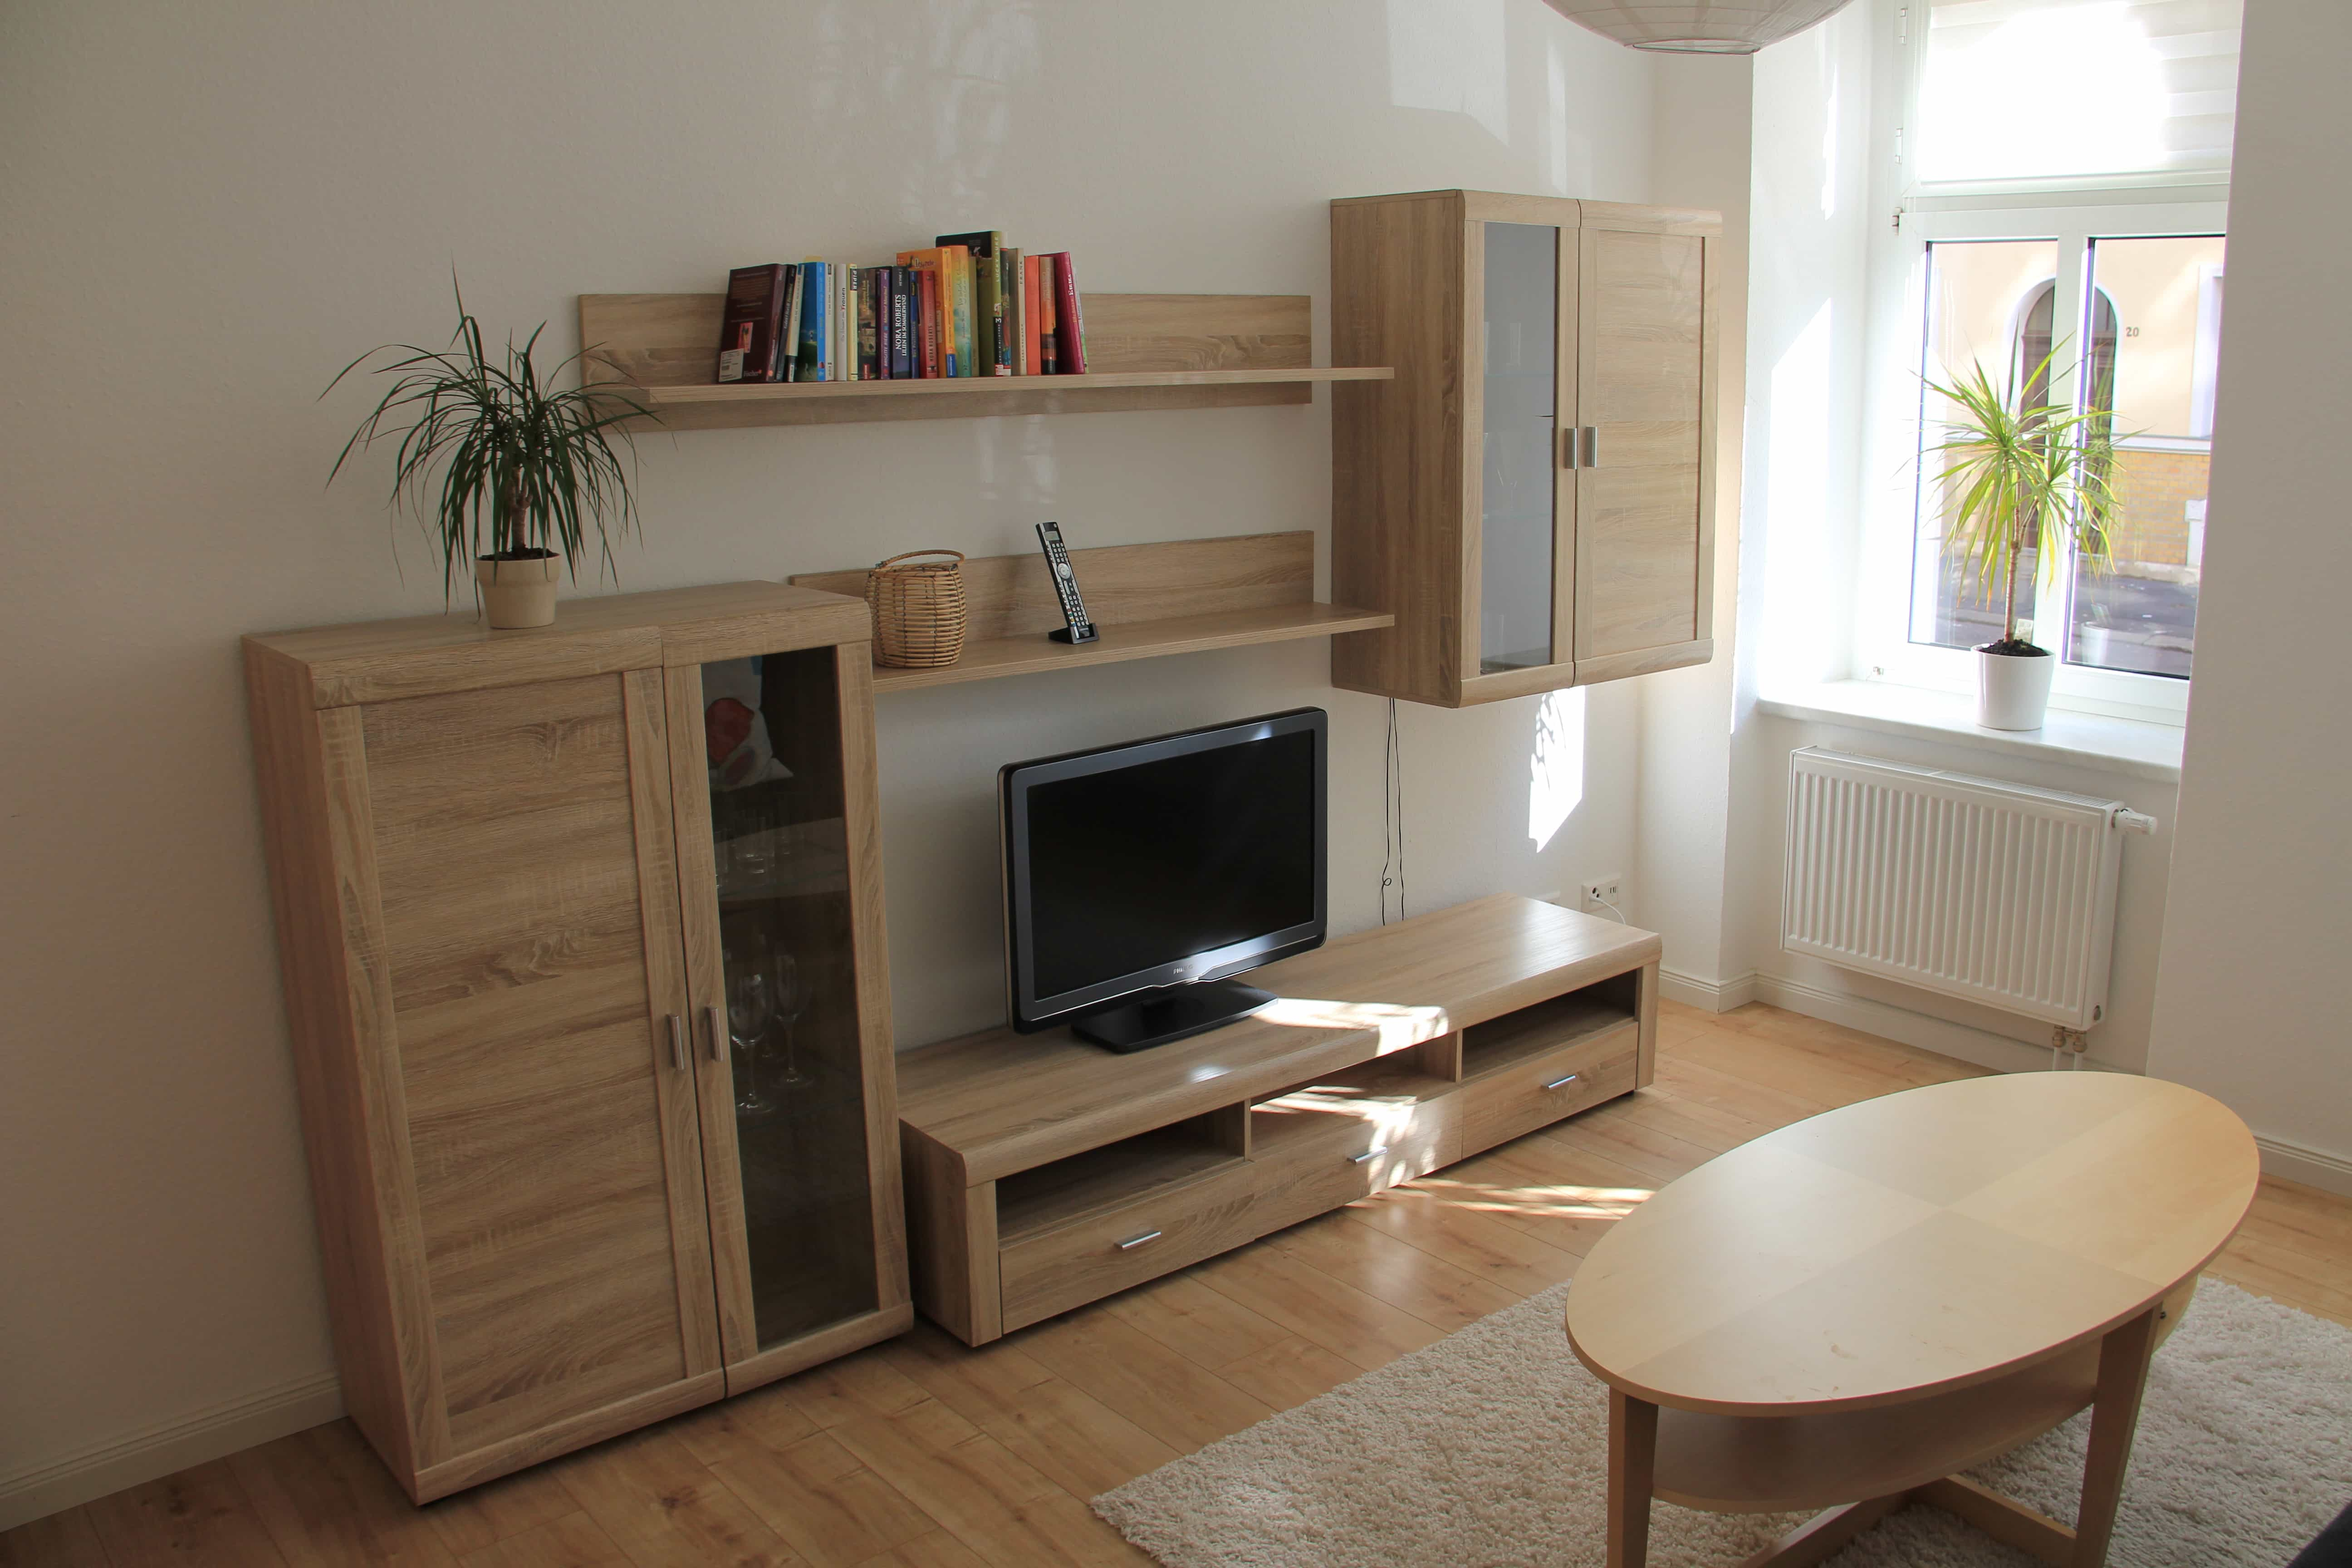 Ferienwohnung in Leipzig Wohnzimmer mit Smart TV